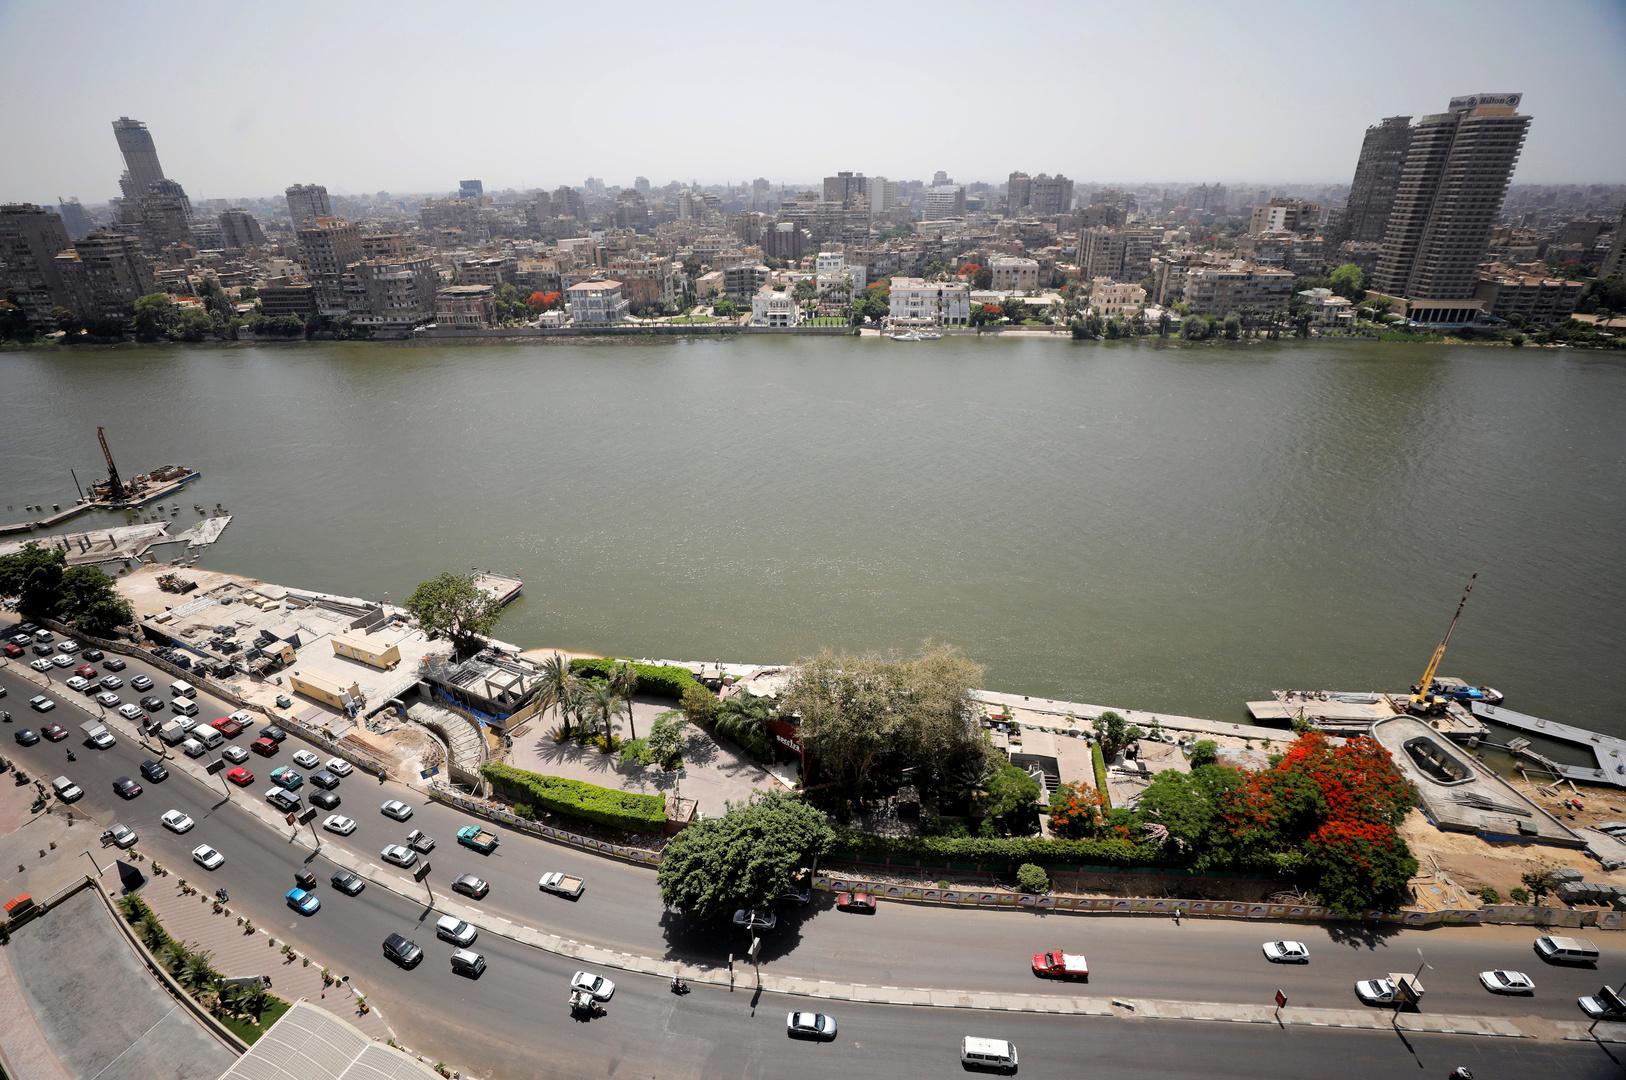 إسقاط الجنسية المصرية عن سورية زوجة لـ